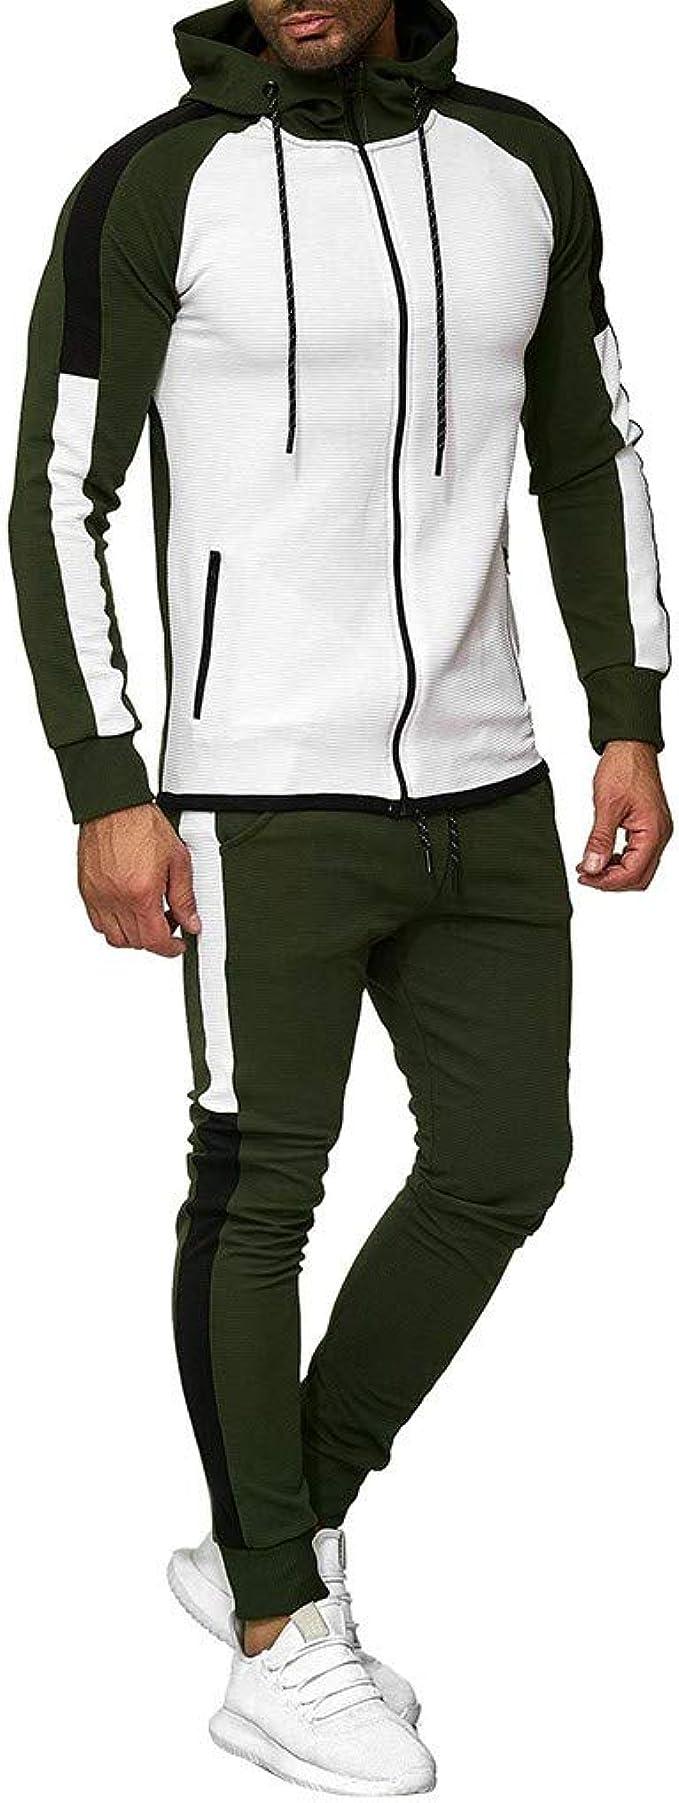 Vectry Hombre Autumn Gradient Zipper Print Sweatshirt Top Pants ...